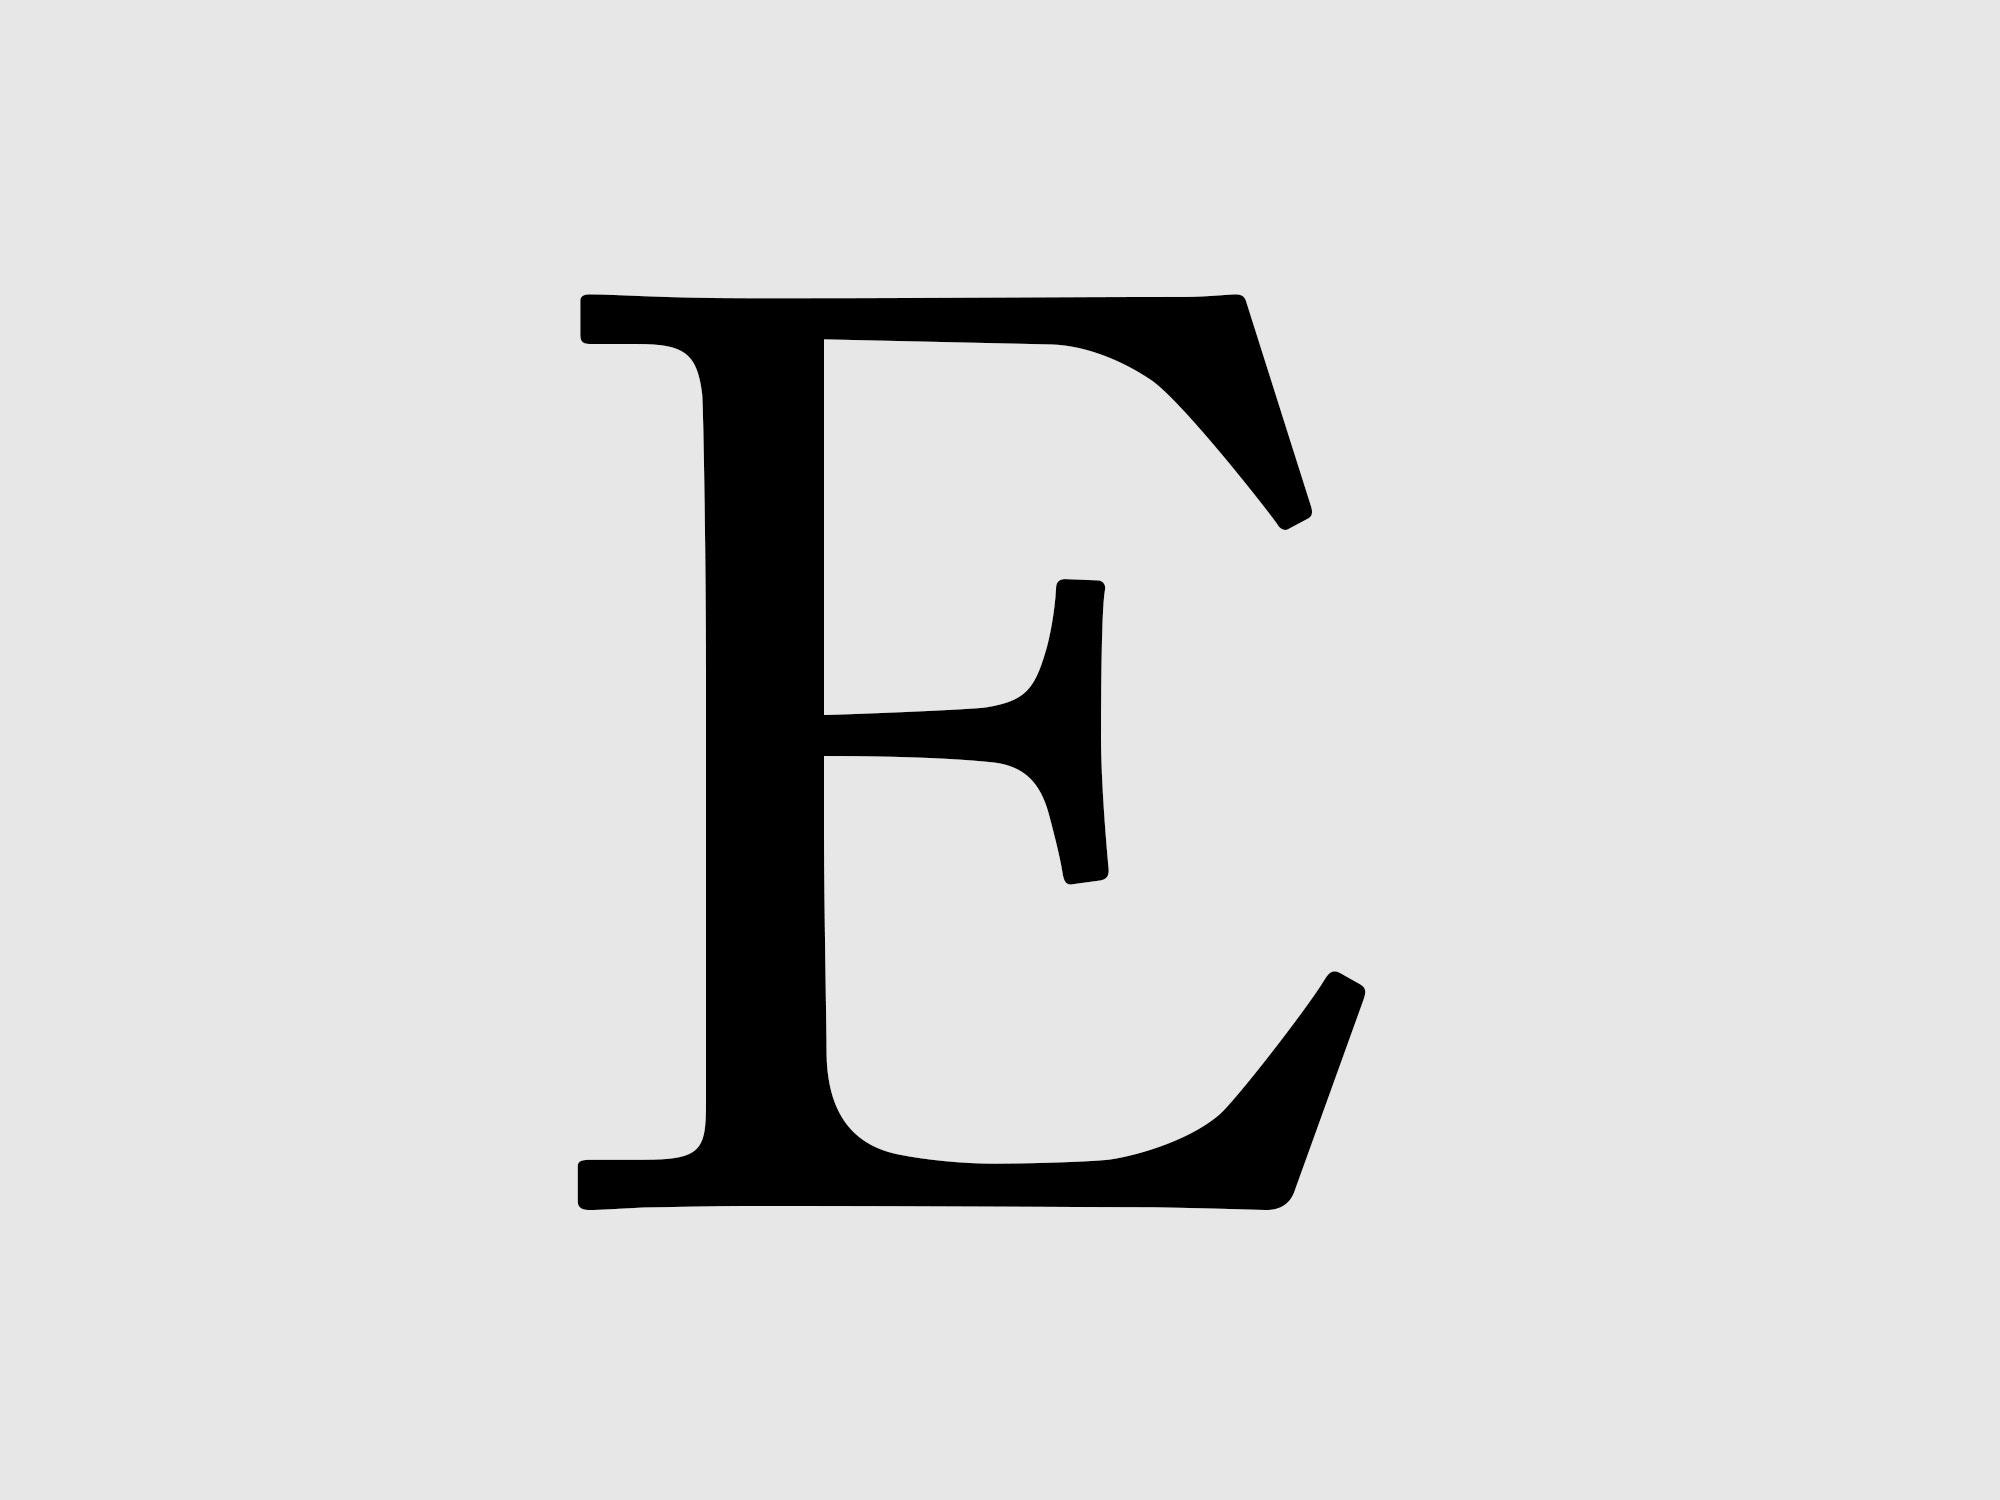 Serif kontra Sans-serif